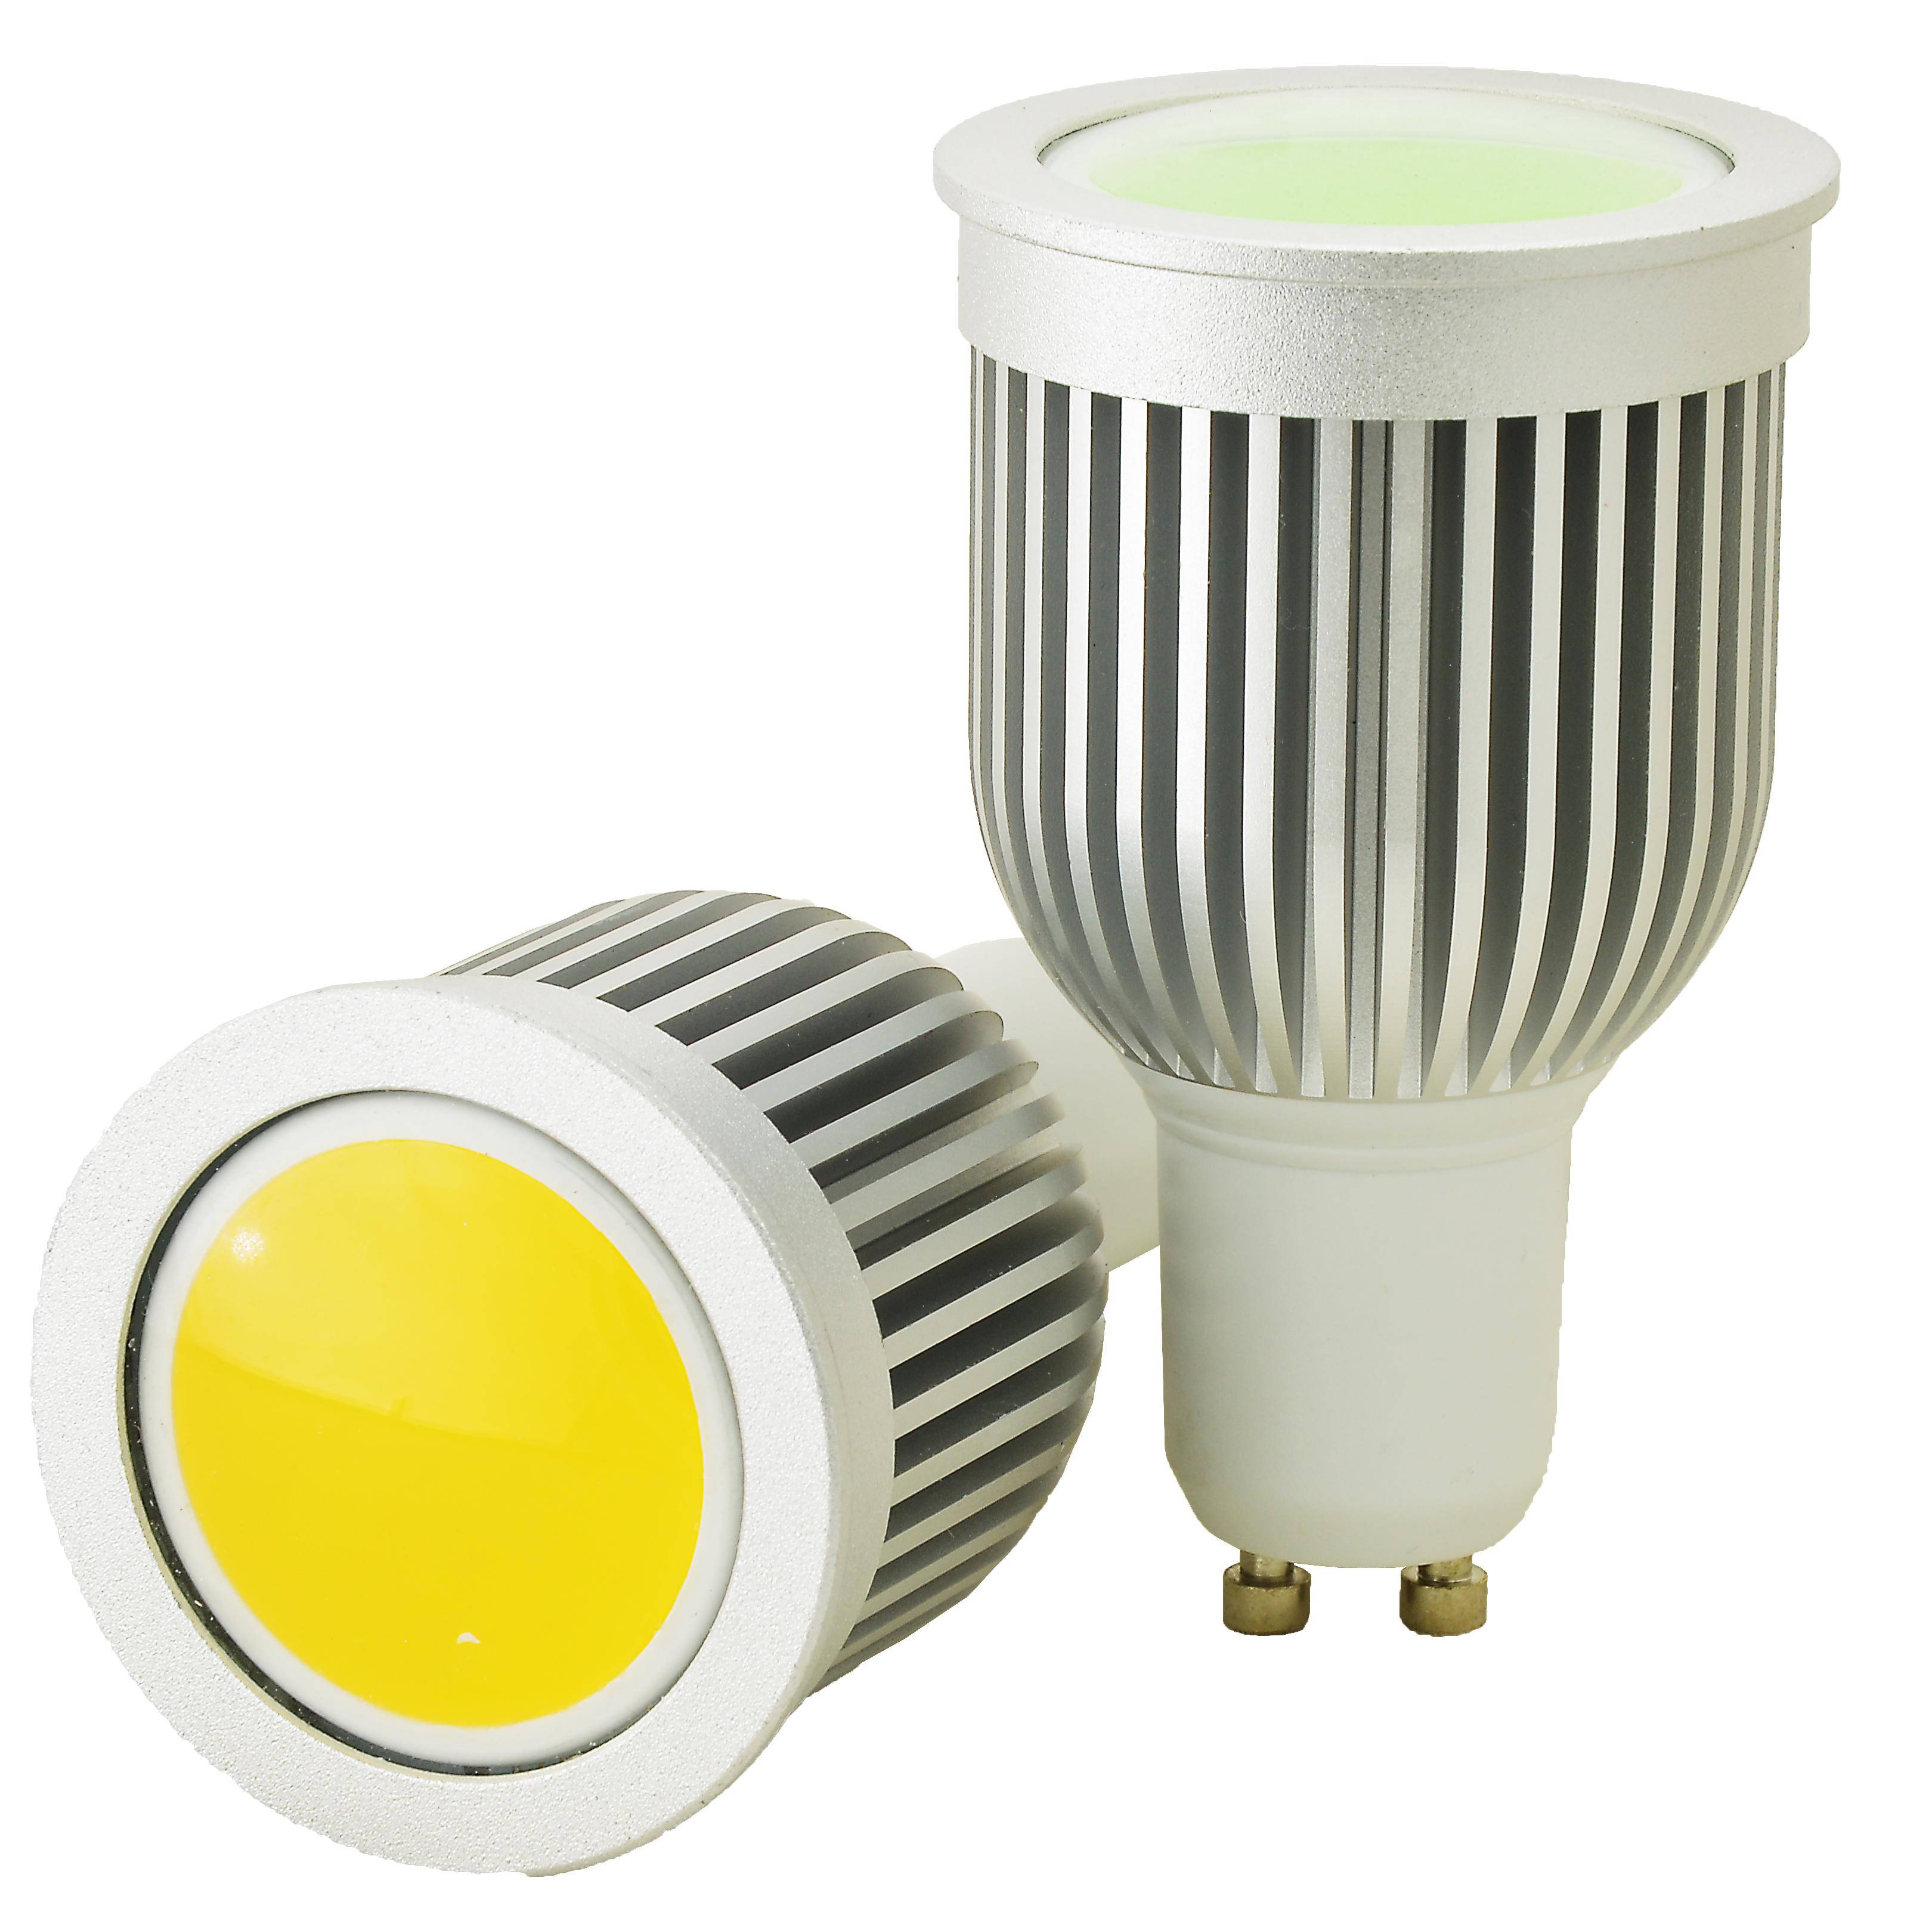 Žárovka G21 LED GU10-COB, 230V, 5W, 400lm, bílá